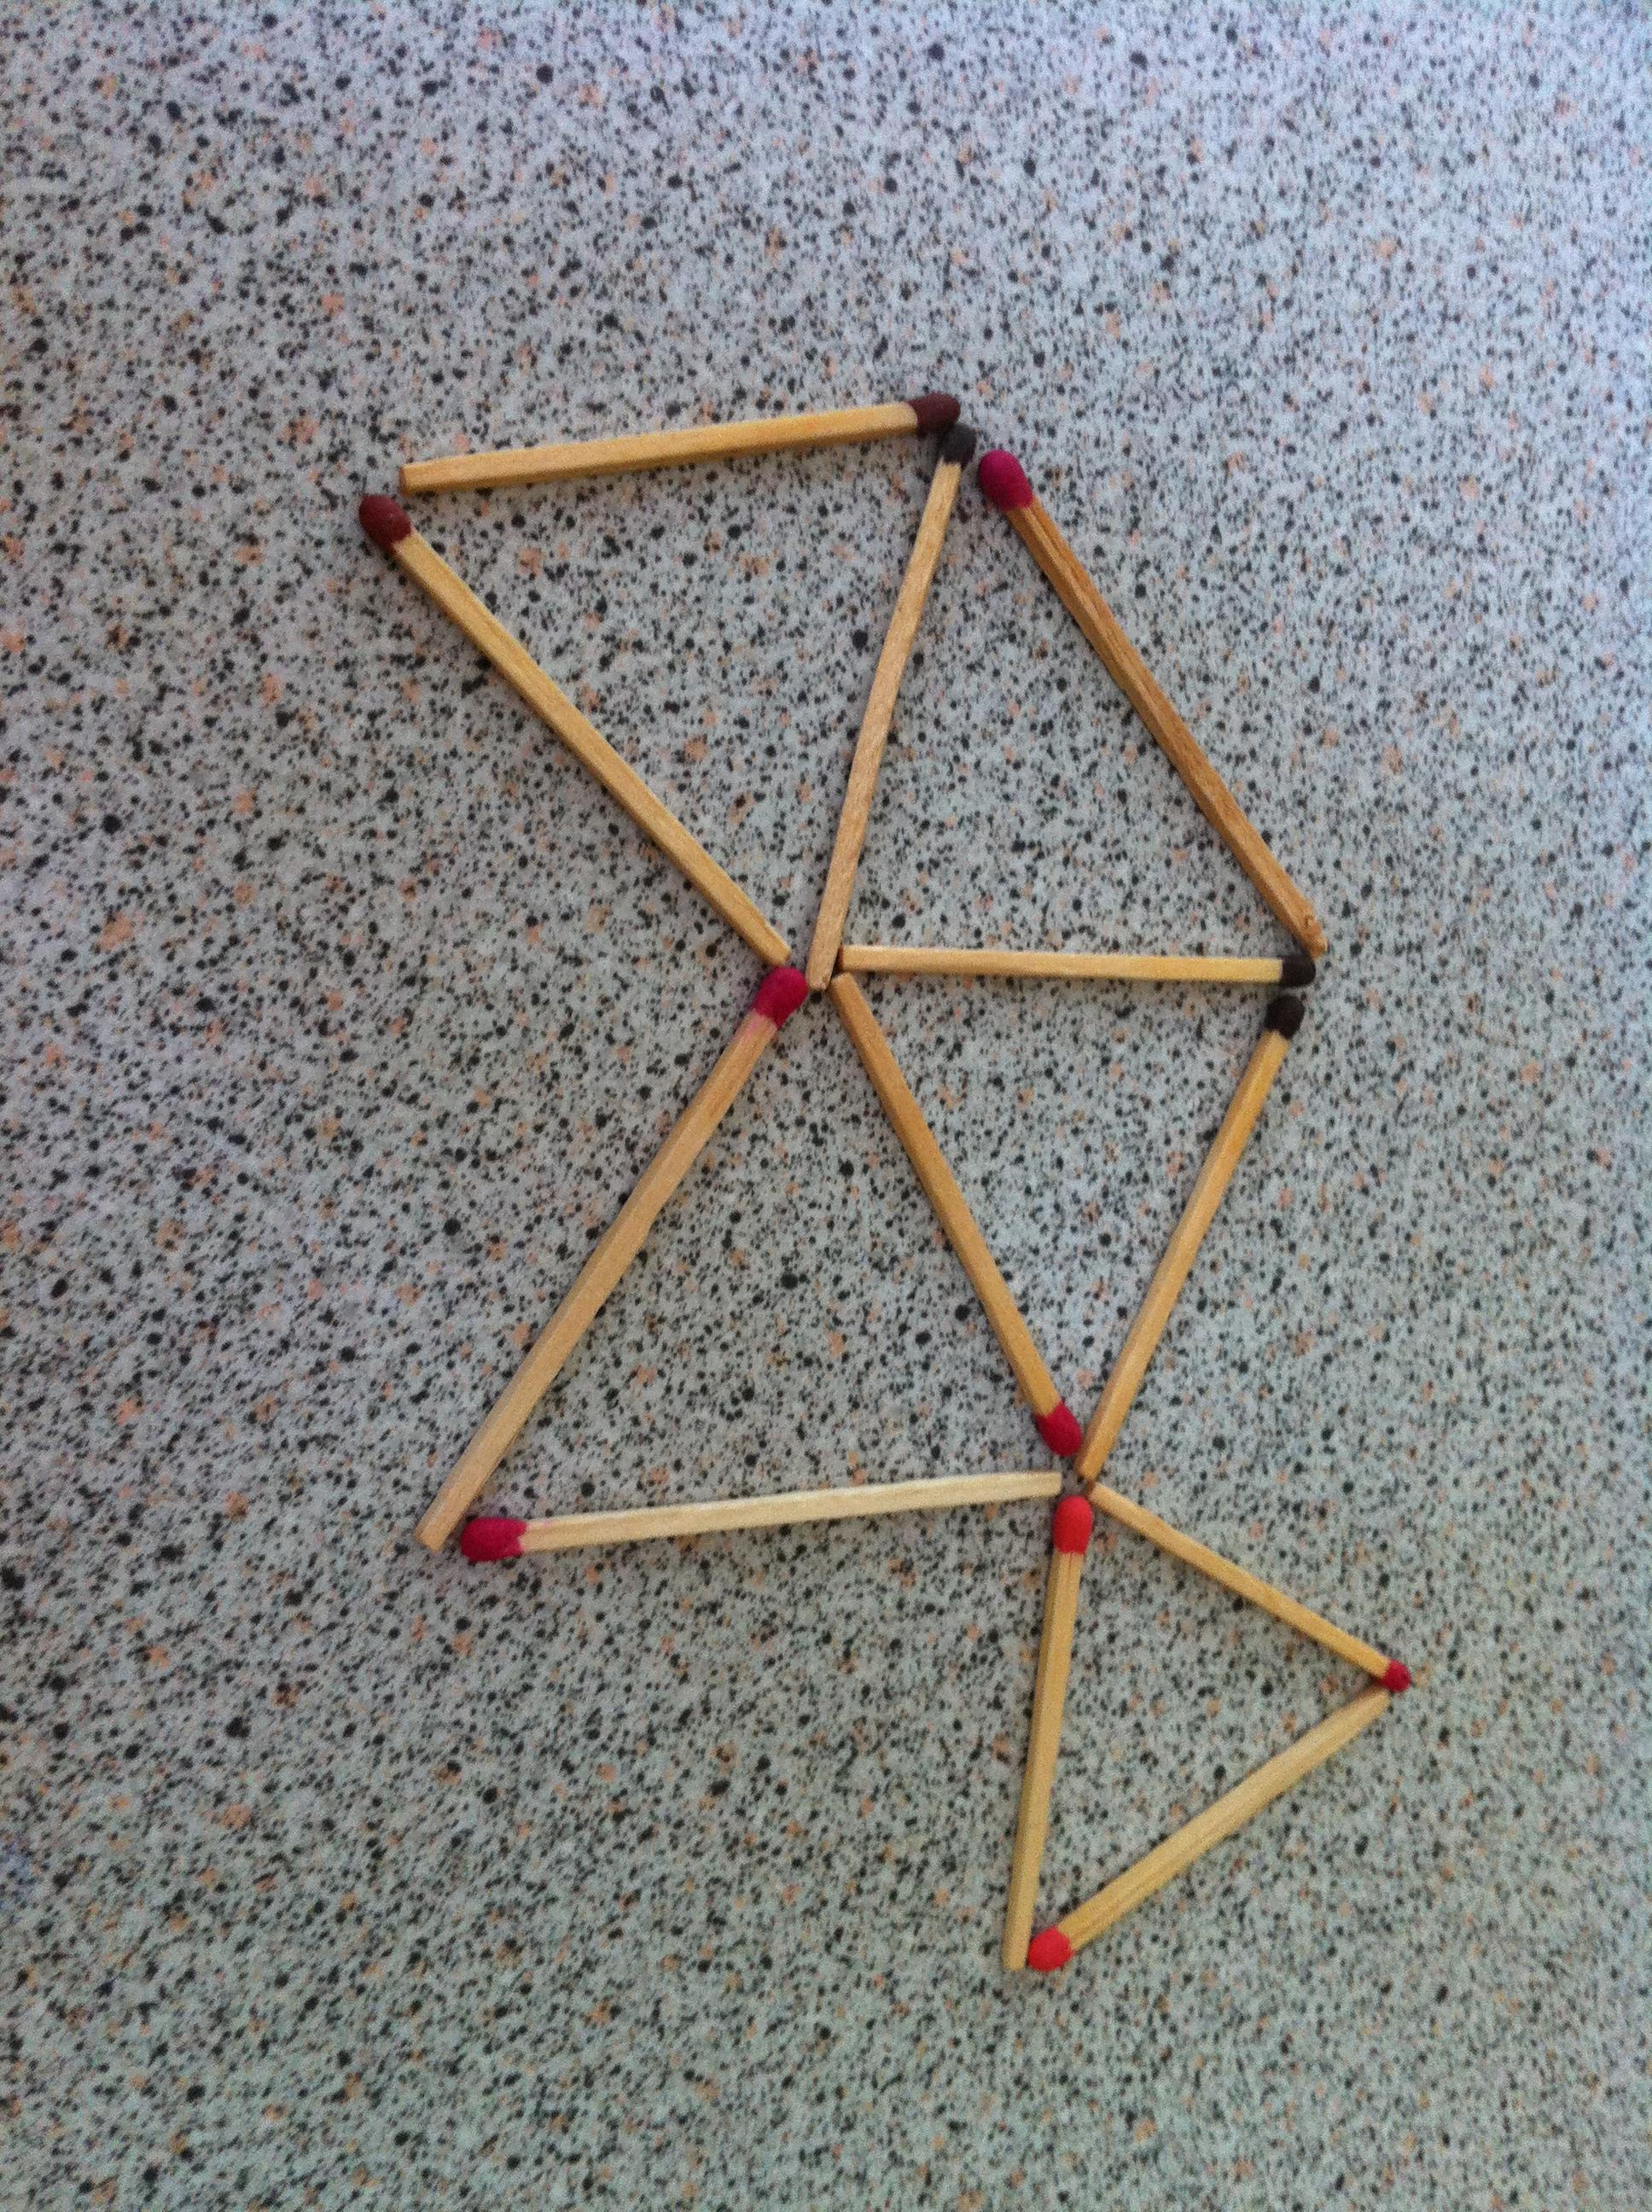 Faites 4 triangles équilatéraux en déplaçant 2 allumettes (qui doivent rester sur le schéma)